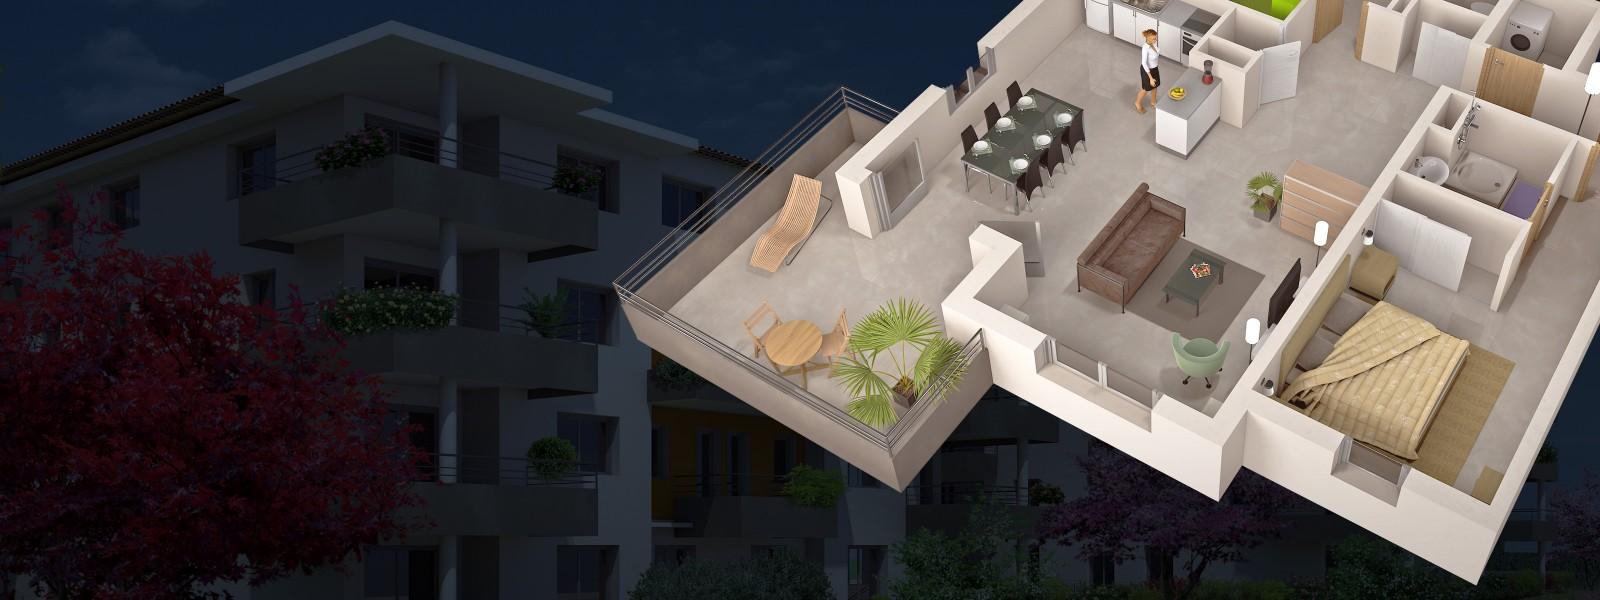 Visuel général pour la prestation architecture